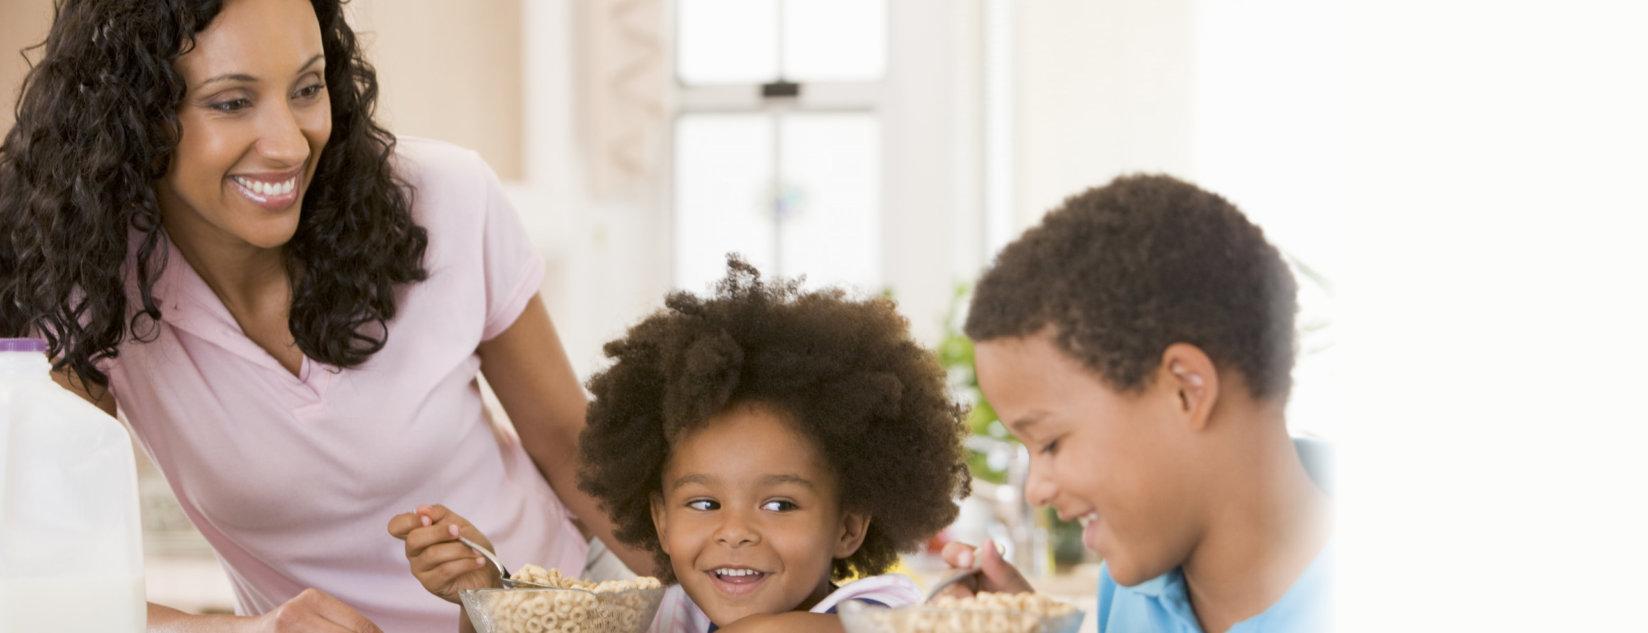 Children Eating Breakfast. Indoors, mealtime.